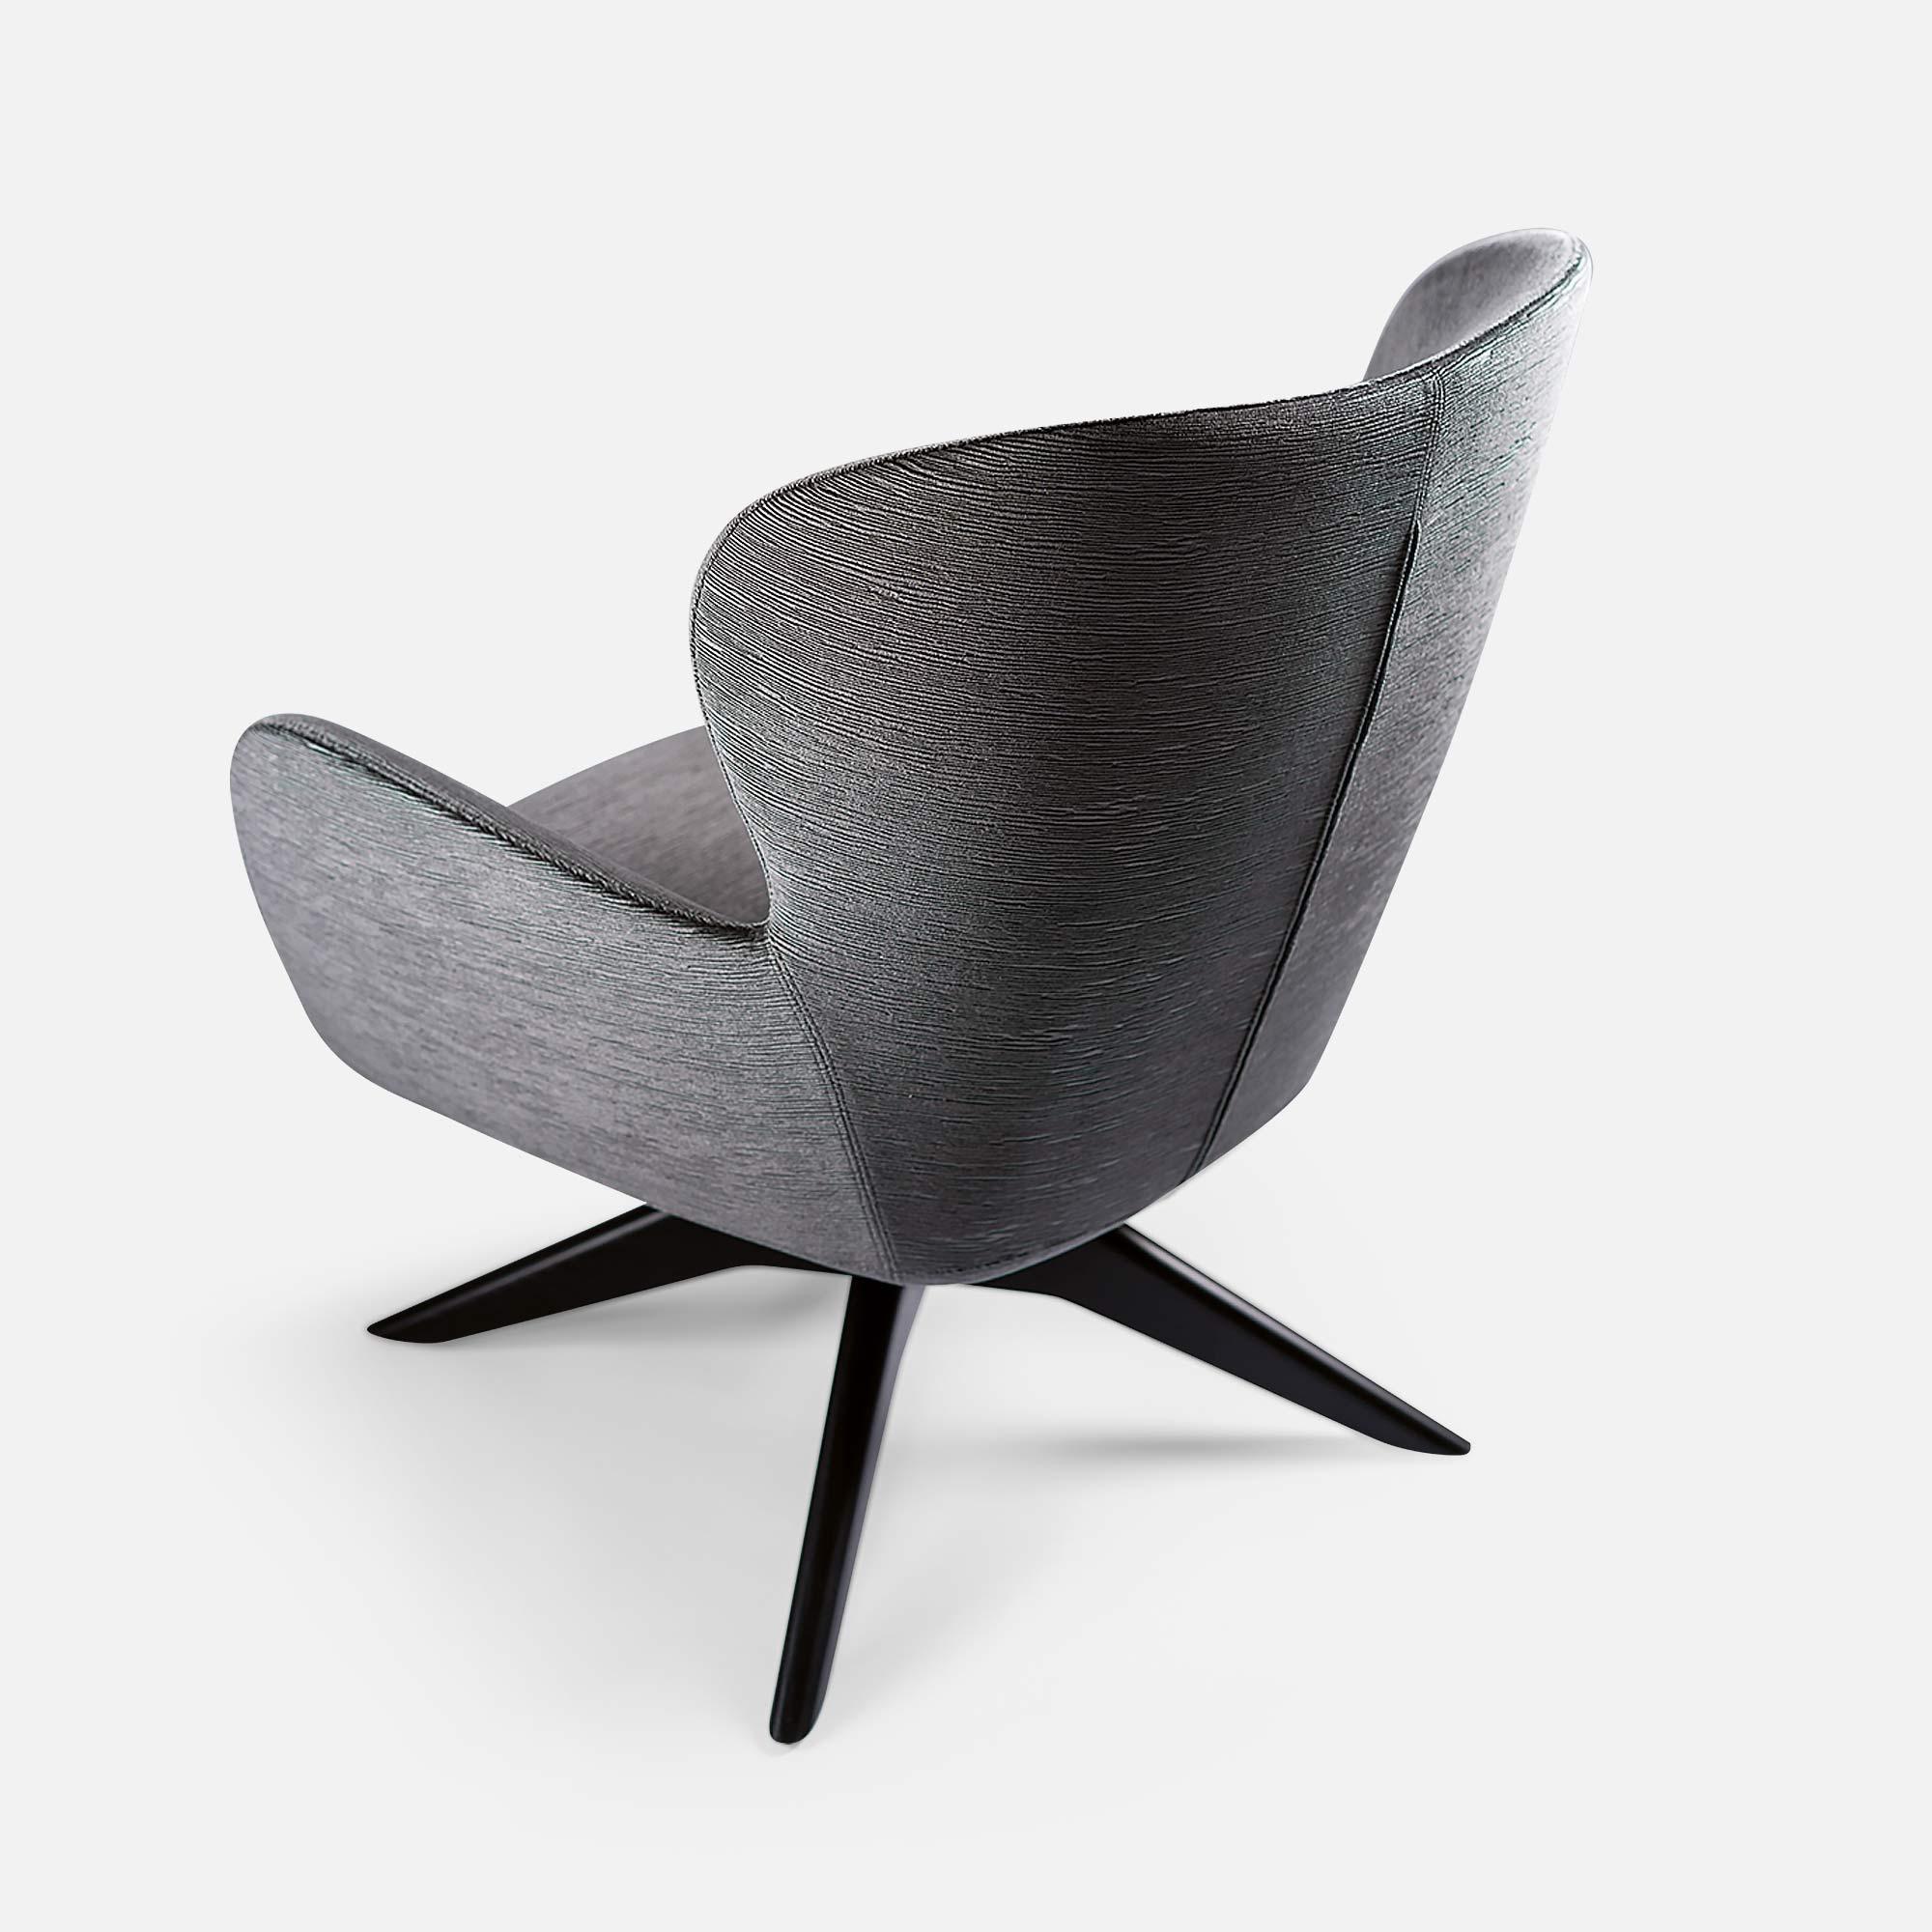 1148 fauteuil marais 2265L21 2 Résultat Supérieur 50 Nouveau Fauteuil Moderne Photographie 2017 Kse4